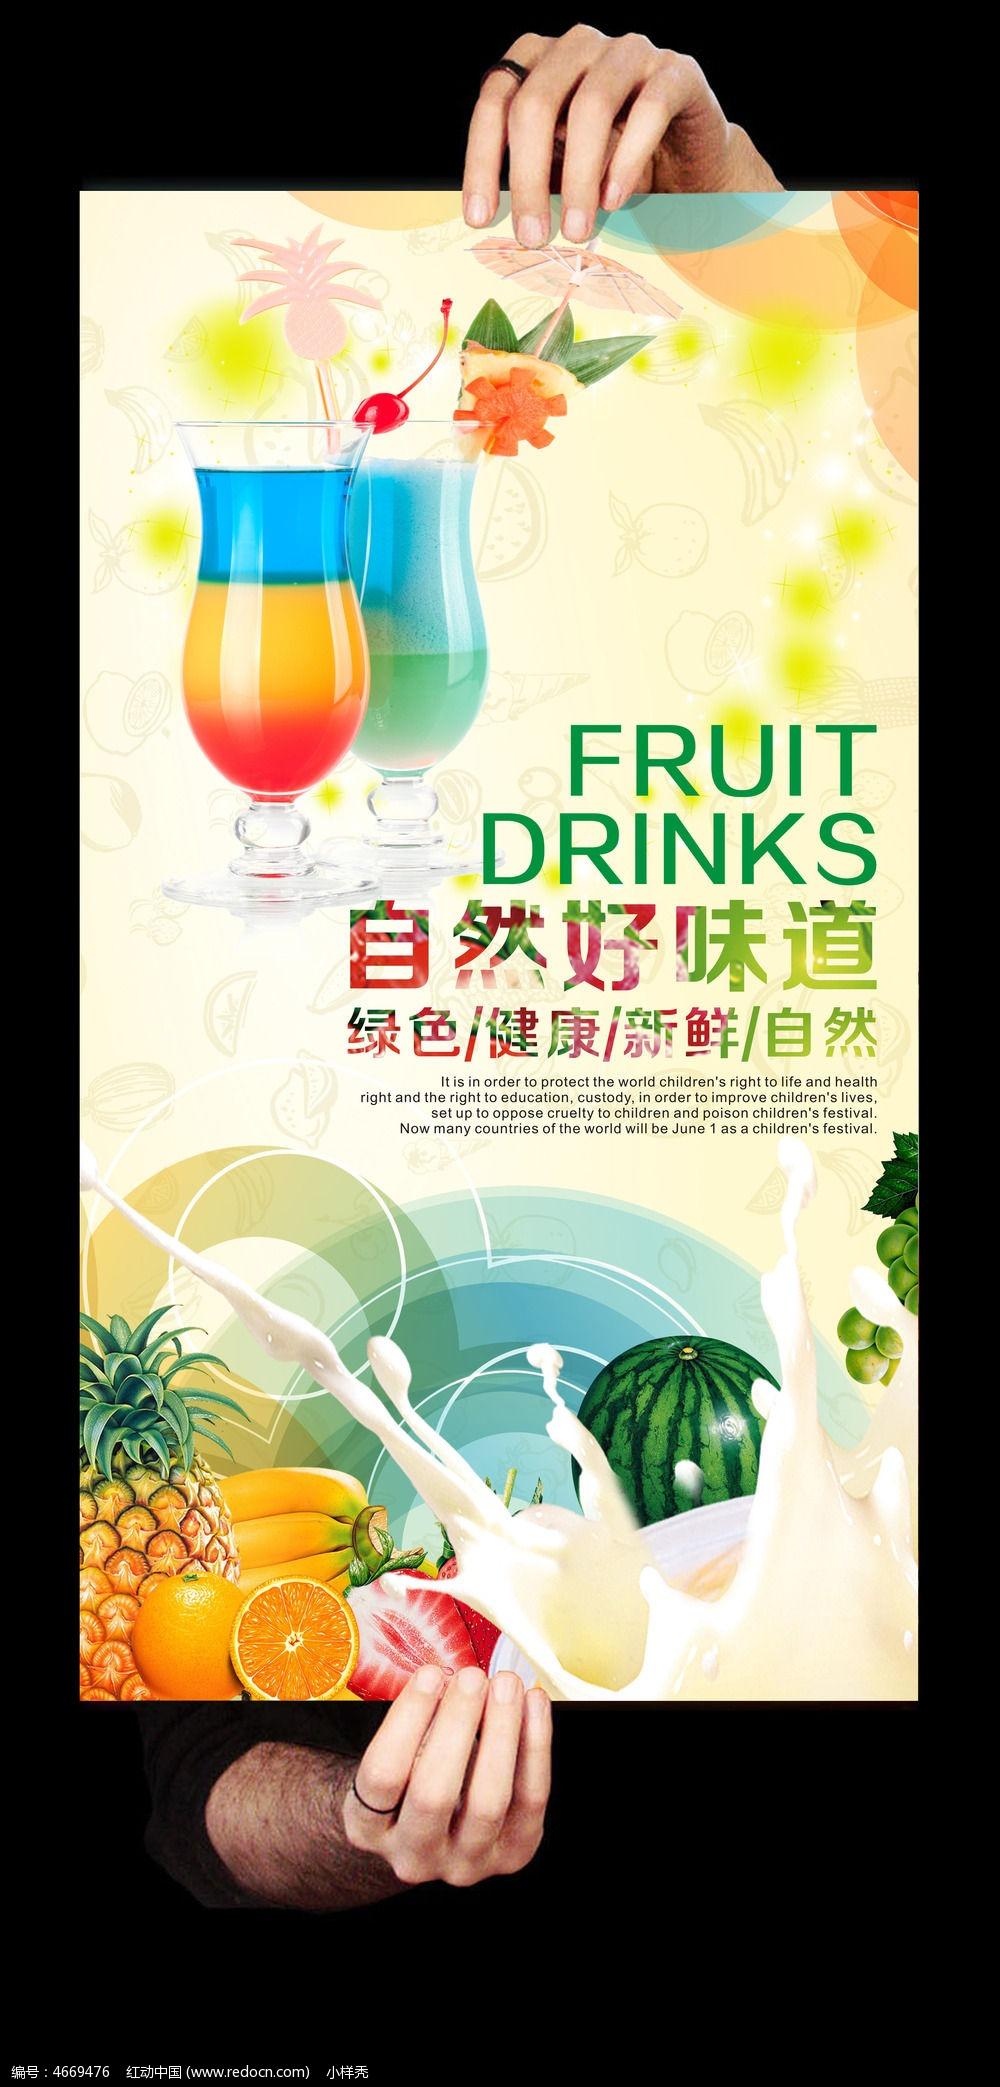 饮品店宣传海报_自然好味道饮品店宣传海报